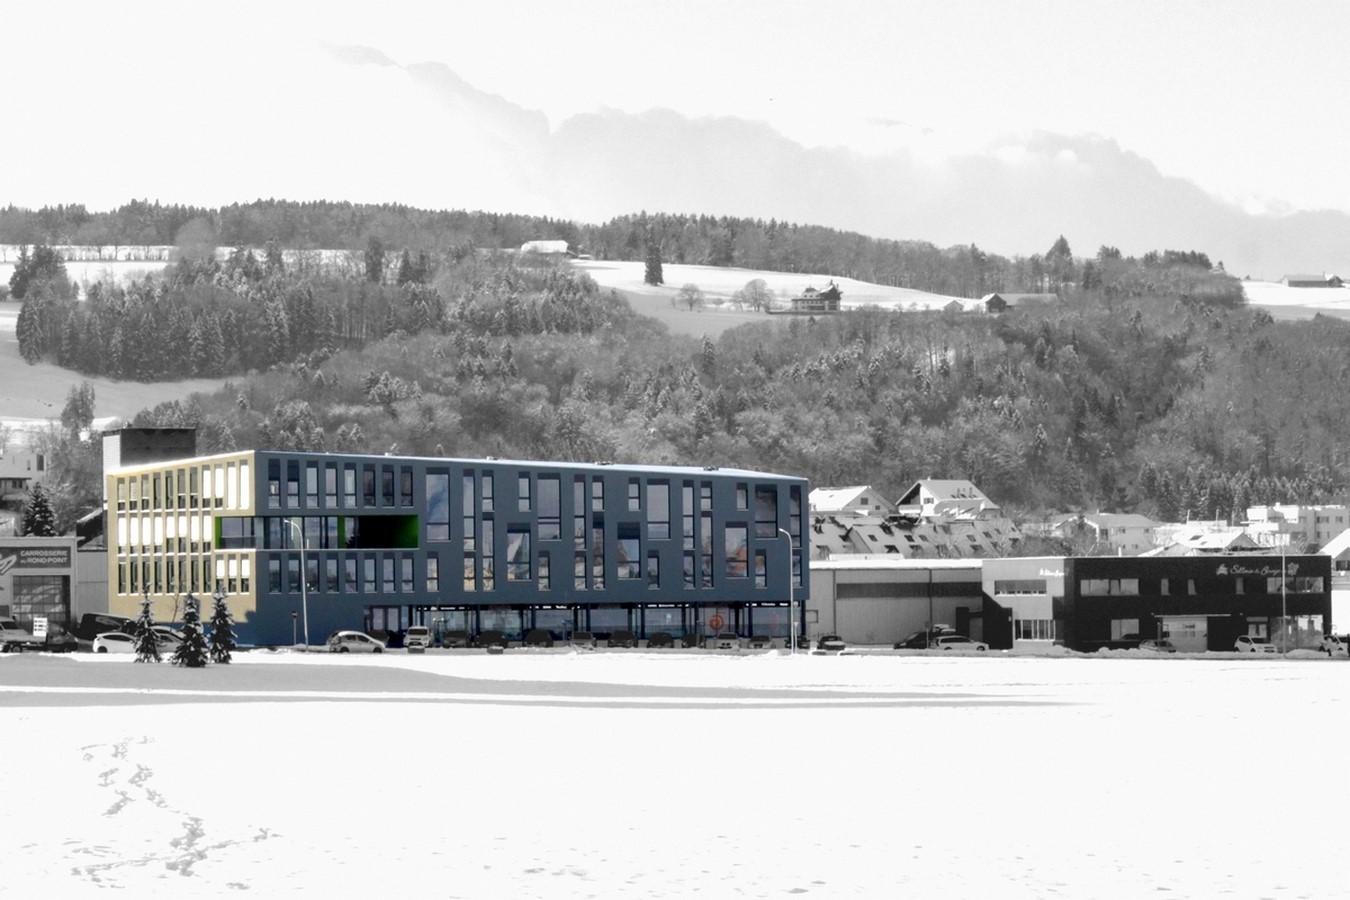 Architects in Lausanne - Top 60 Architects in Lausanne - Sheet7